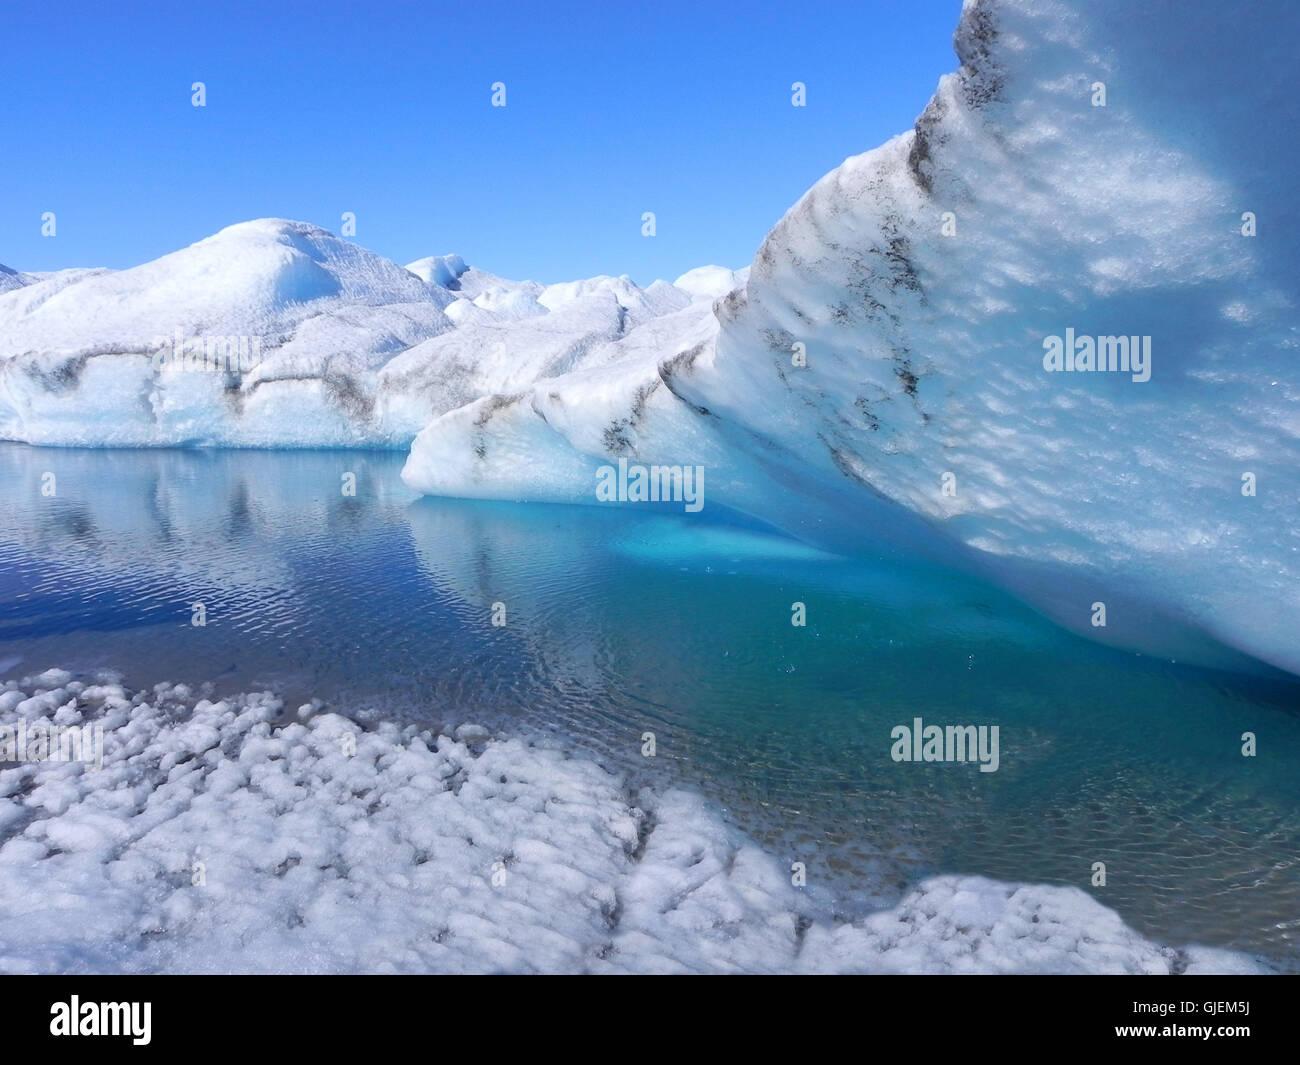 Scioglimento dei ghiacci in Groenlandia - Grotta di ghiaccio con acqua blu Immagini Stock